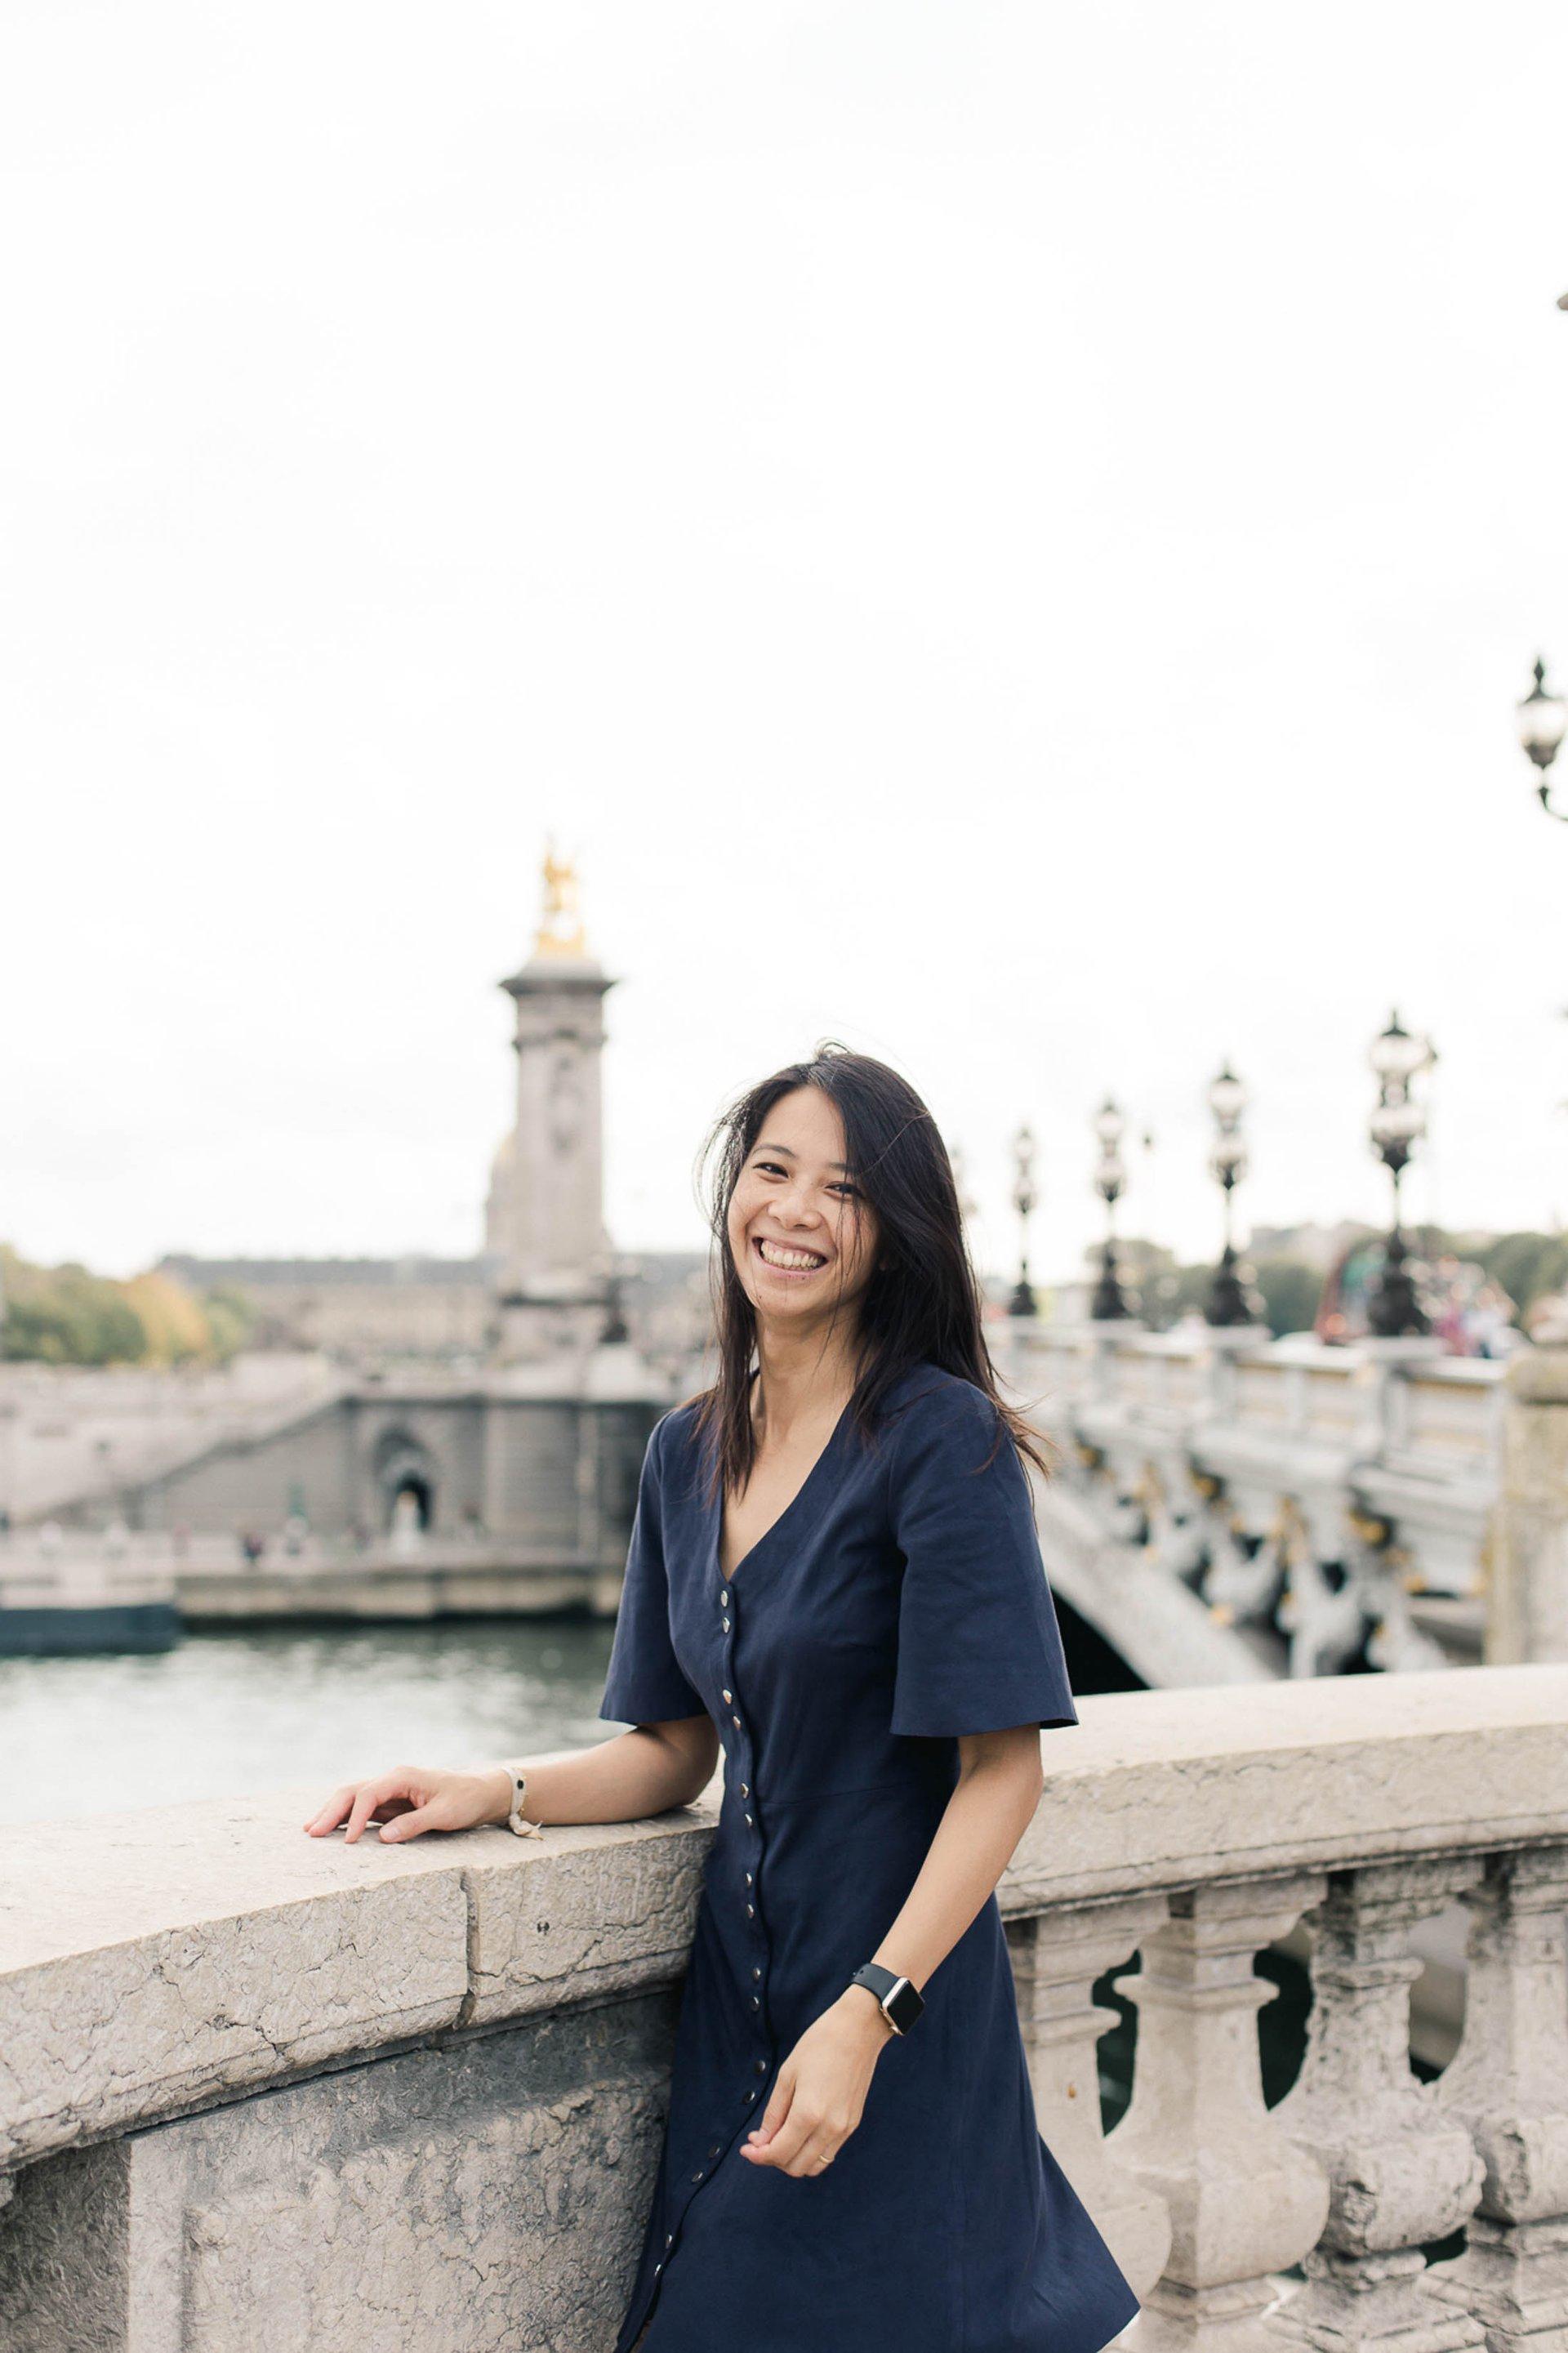 Claire's Portfolio - Image 18